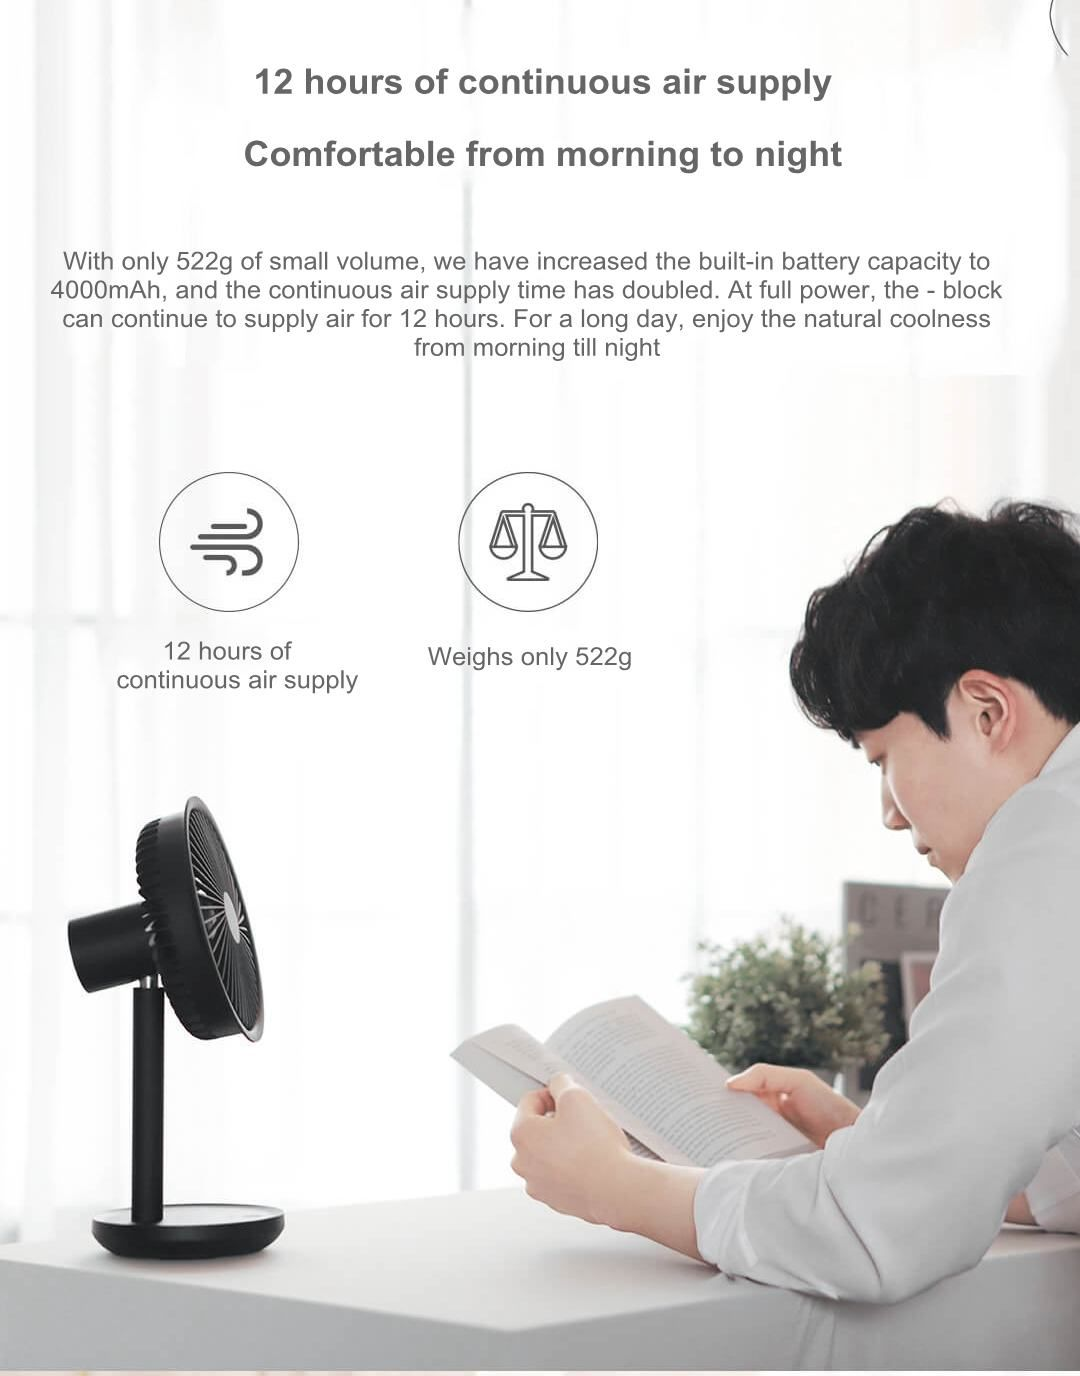 Xiaomi Mijia Solove Usb Desktop Fan 4000mah Battery Capacity (5)